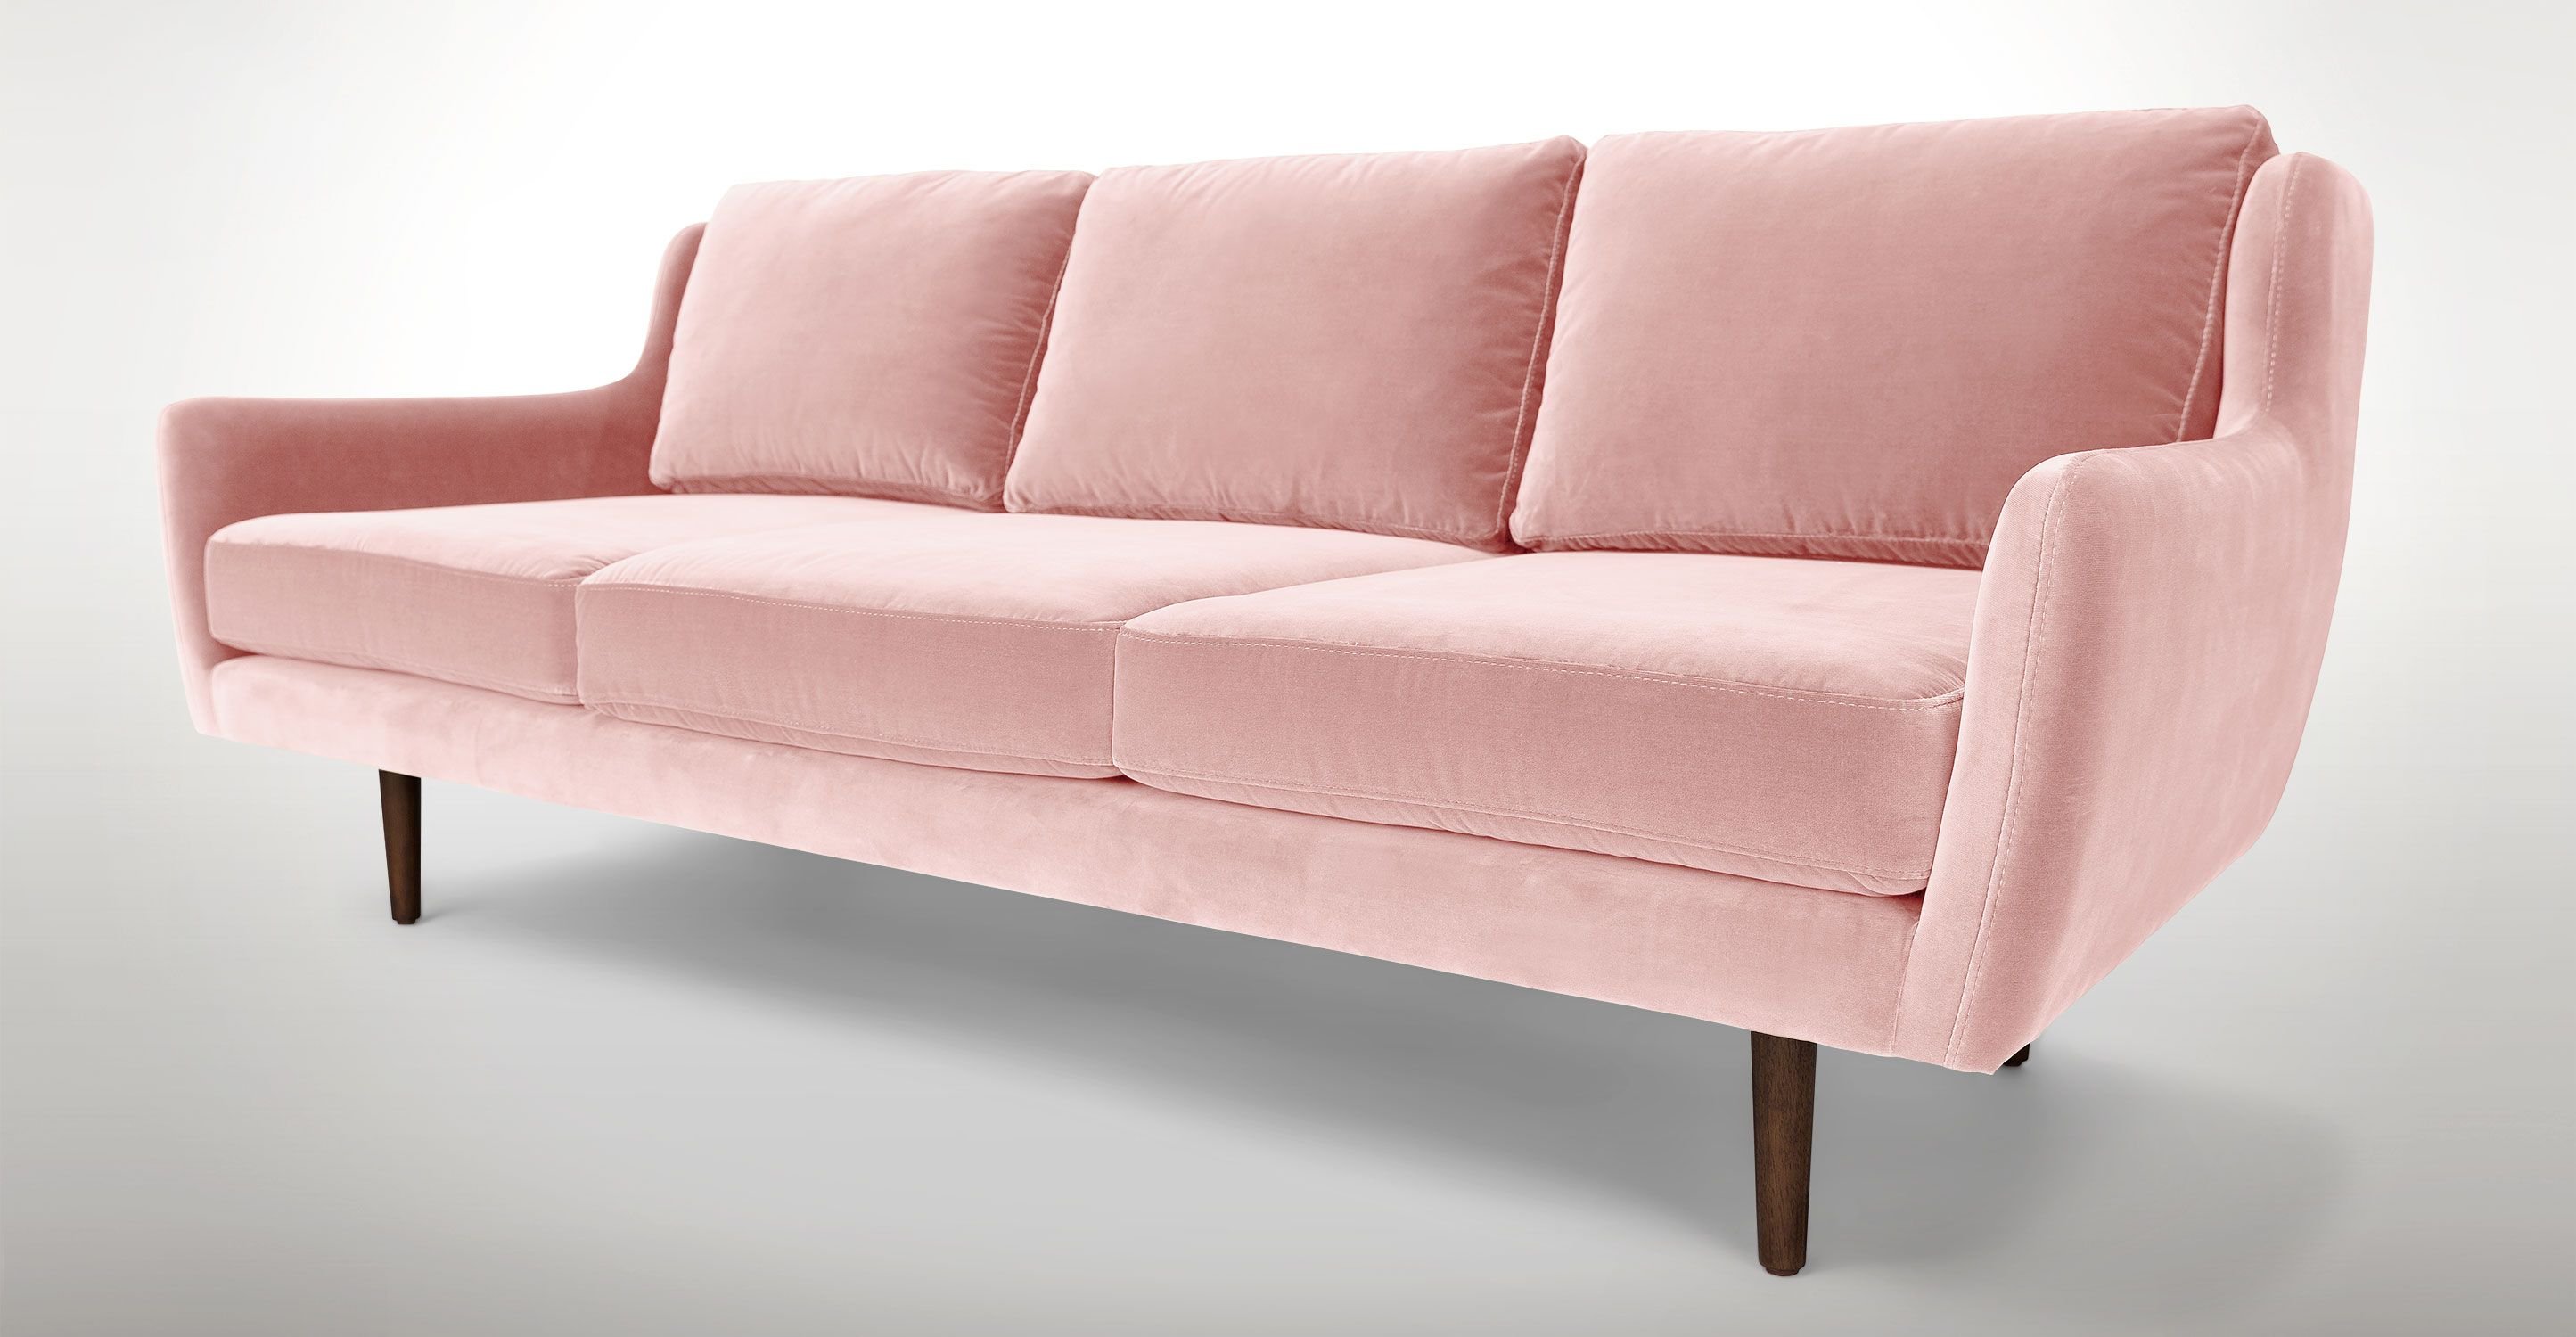 sofa article xv kijiji ottawa gatineau pink velvet walnut wood legs matrix